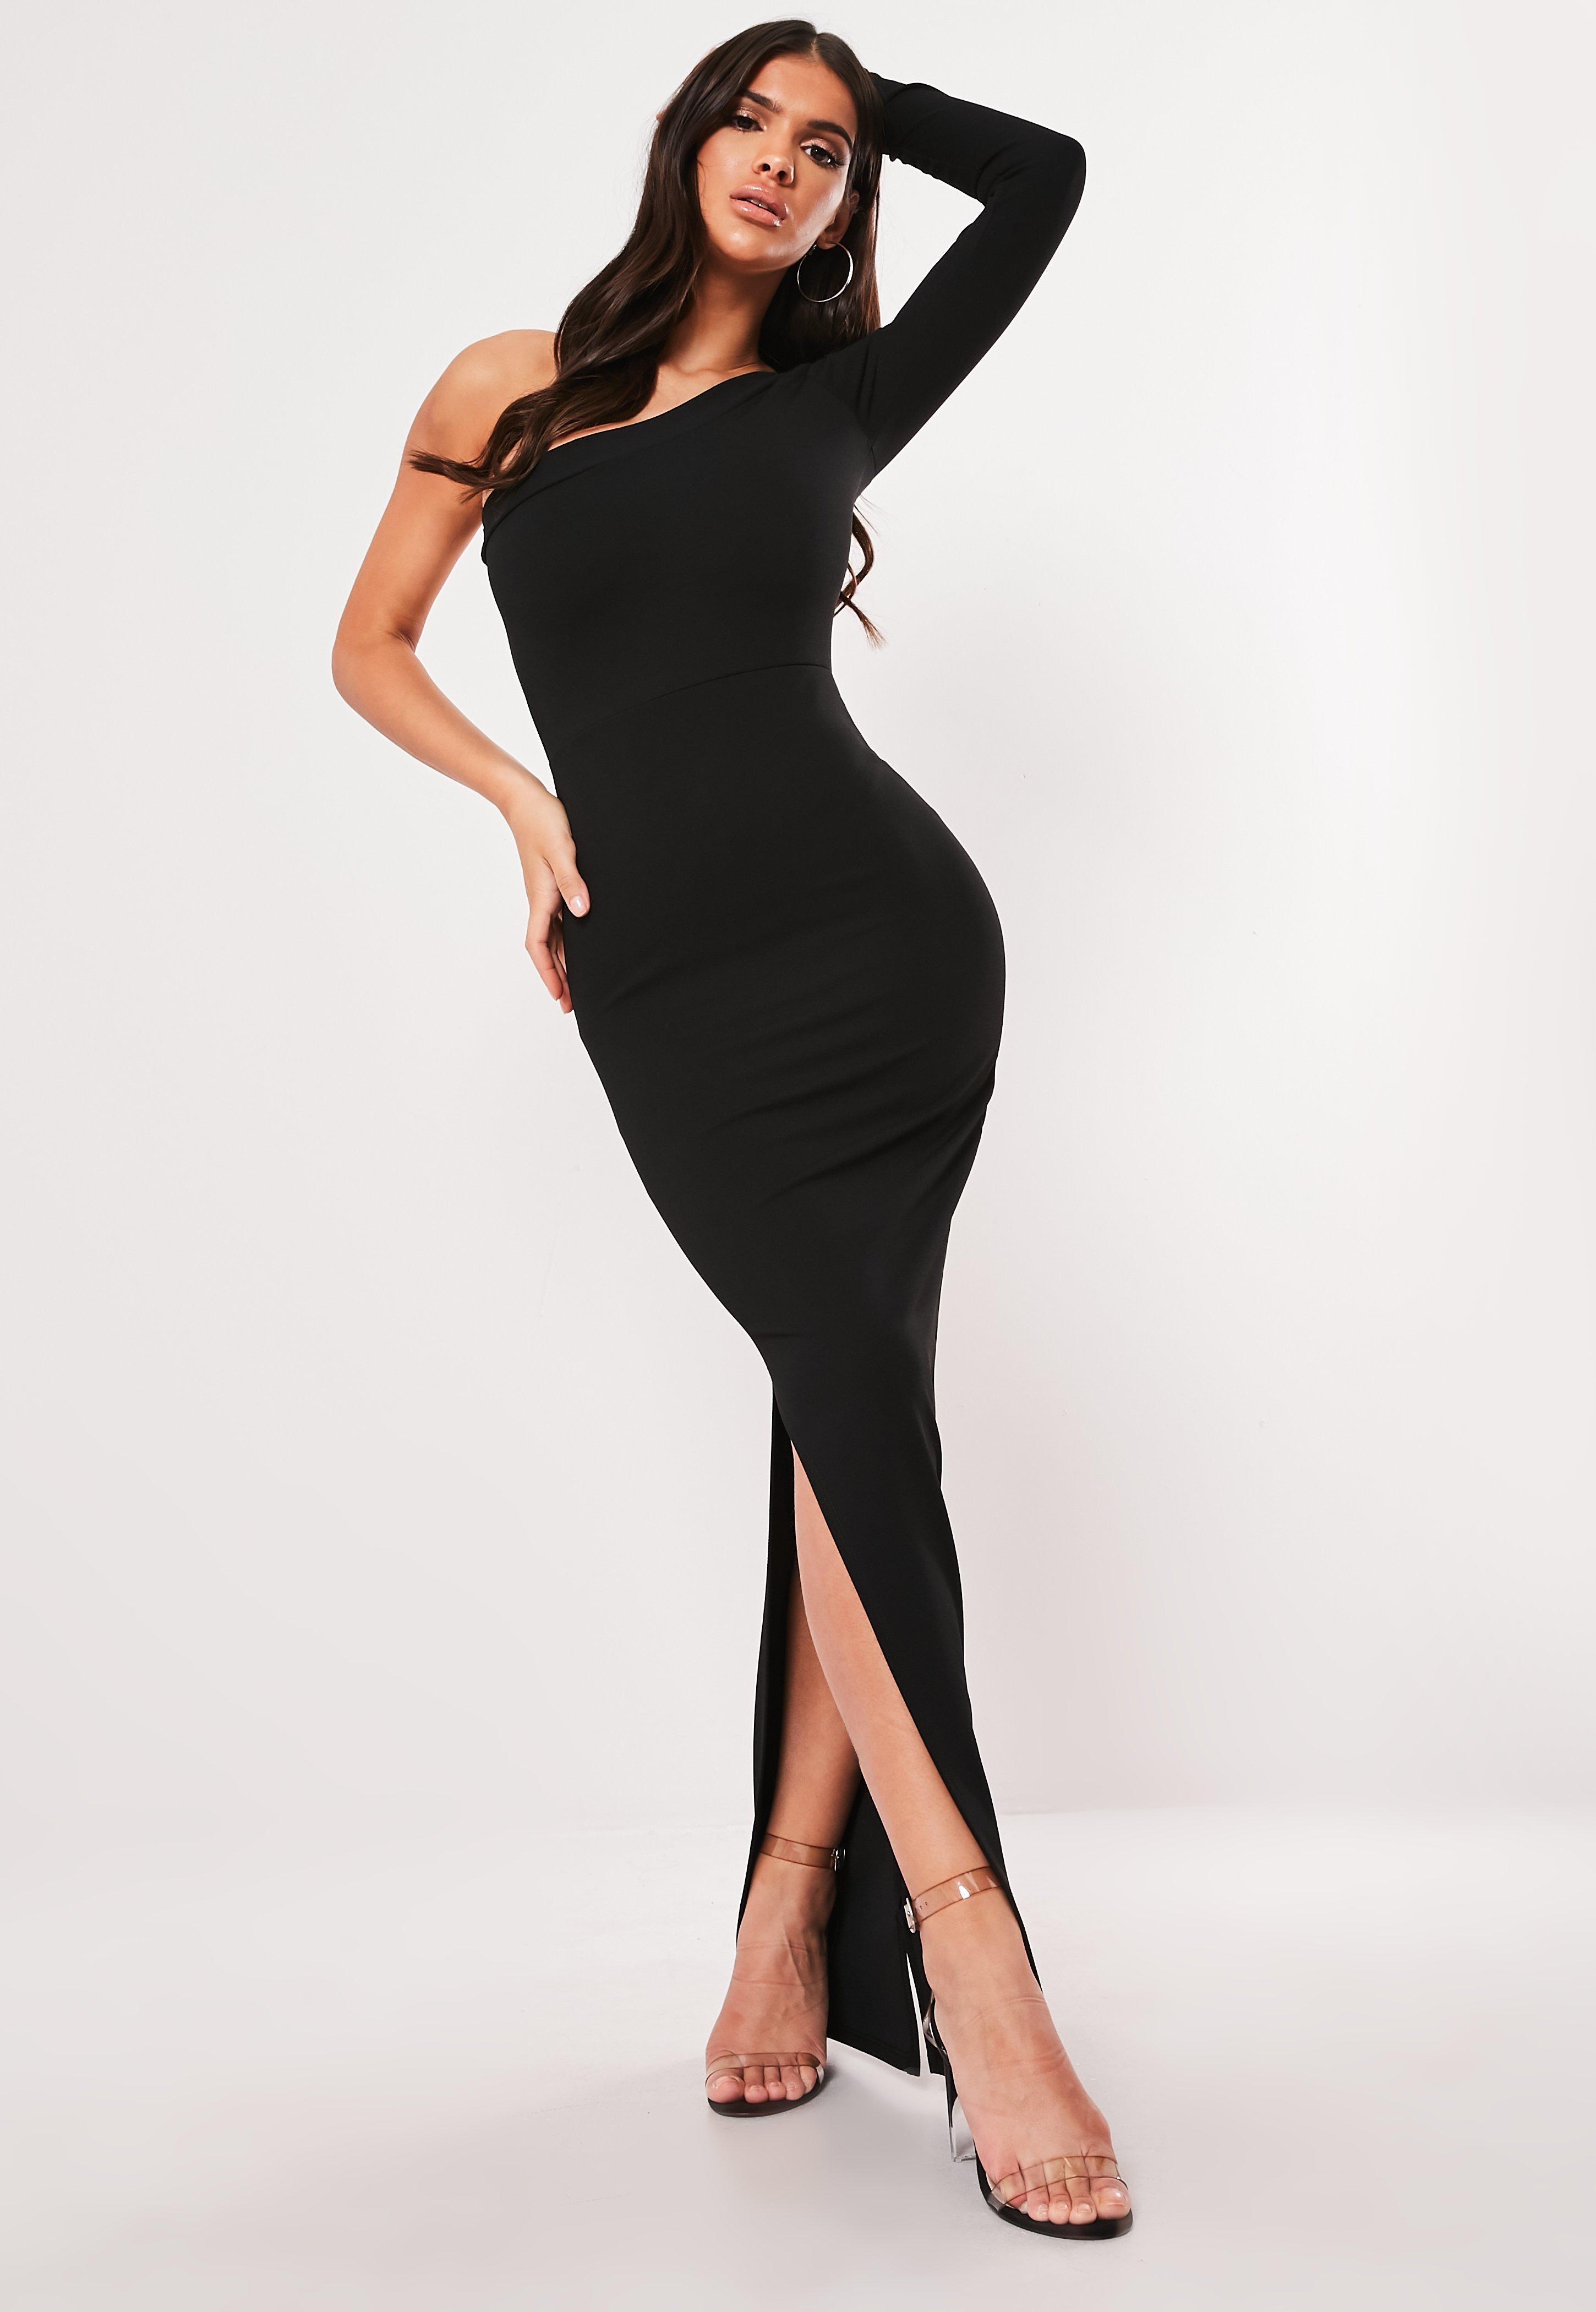 6f9b856de3c9 Petite Black One Shoulder Side Split Maxi Dress | Missguided